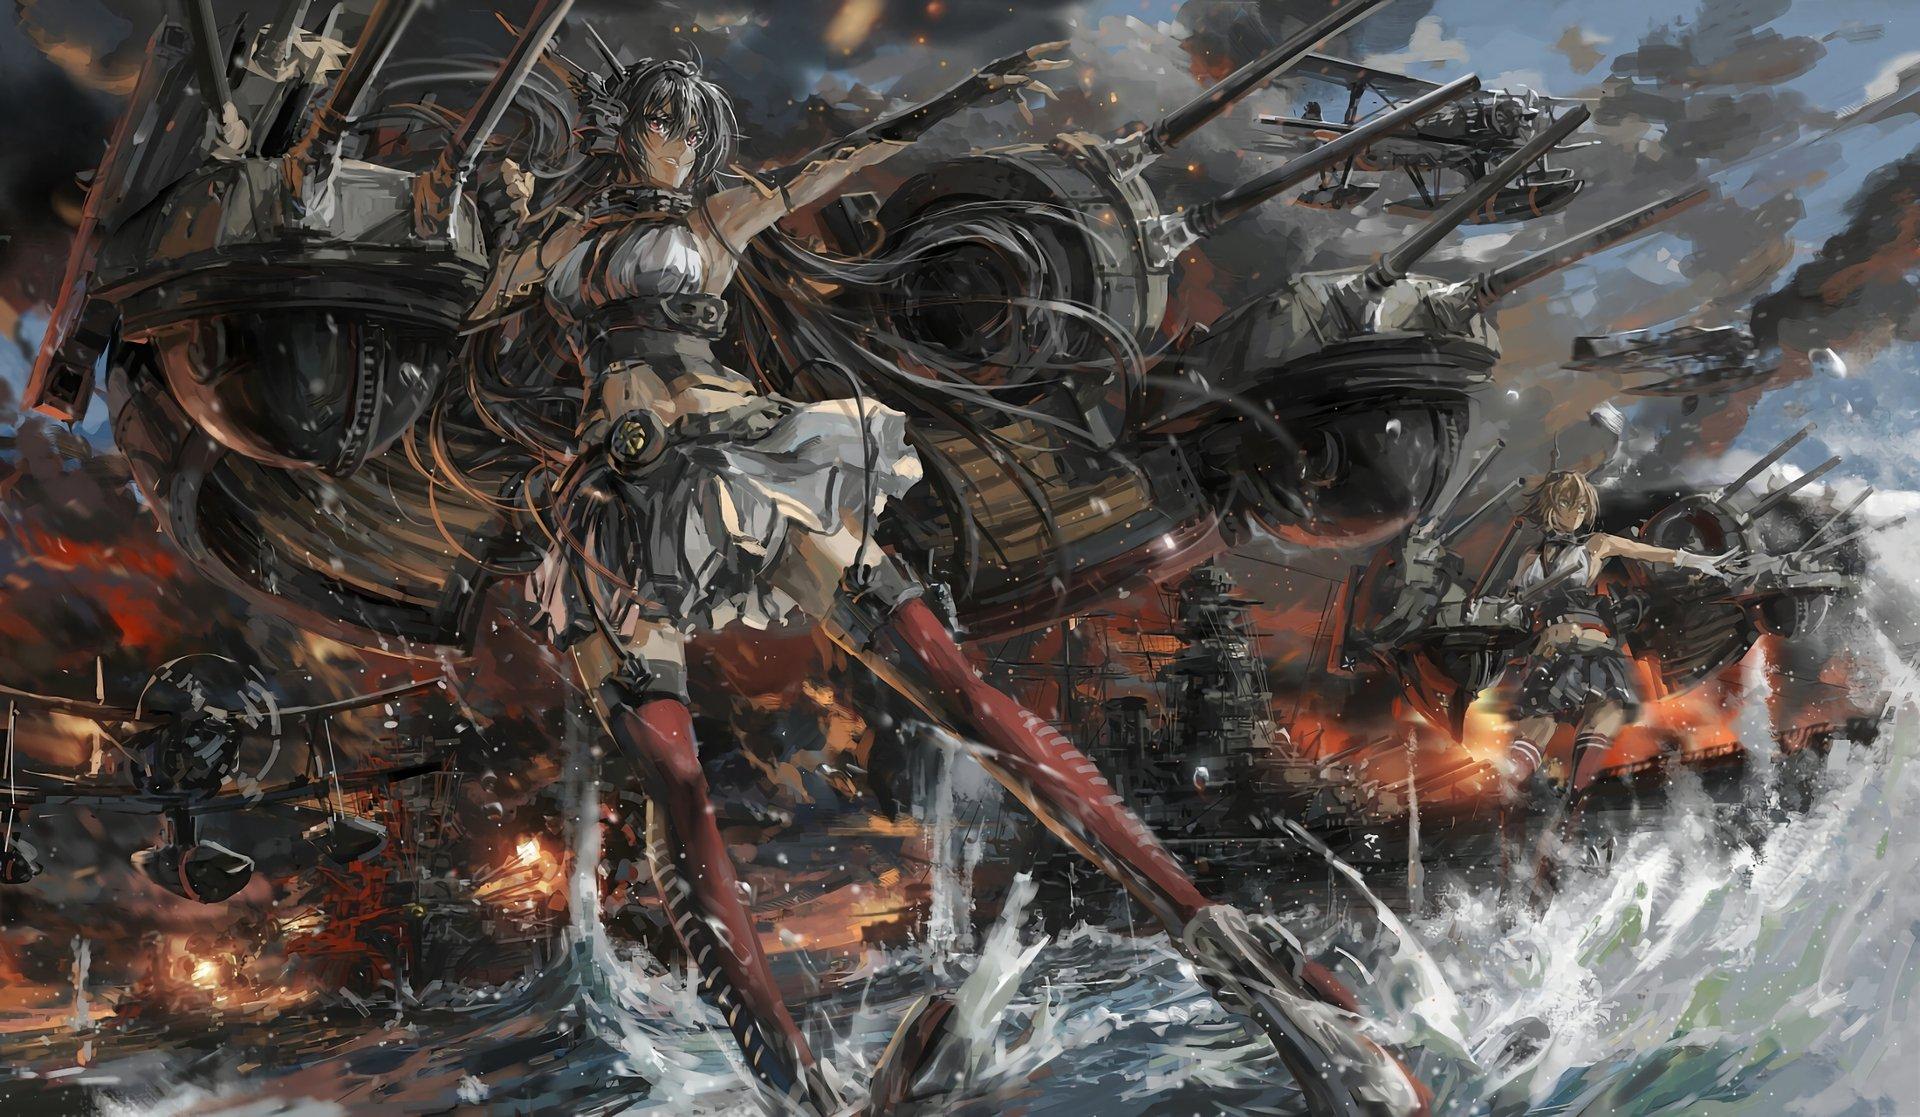 Anime - Kantai Collection  Nagato (Kancolle) Mutsu (Kancolle) Airplane Ship Ocean Wallpaper